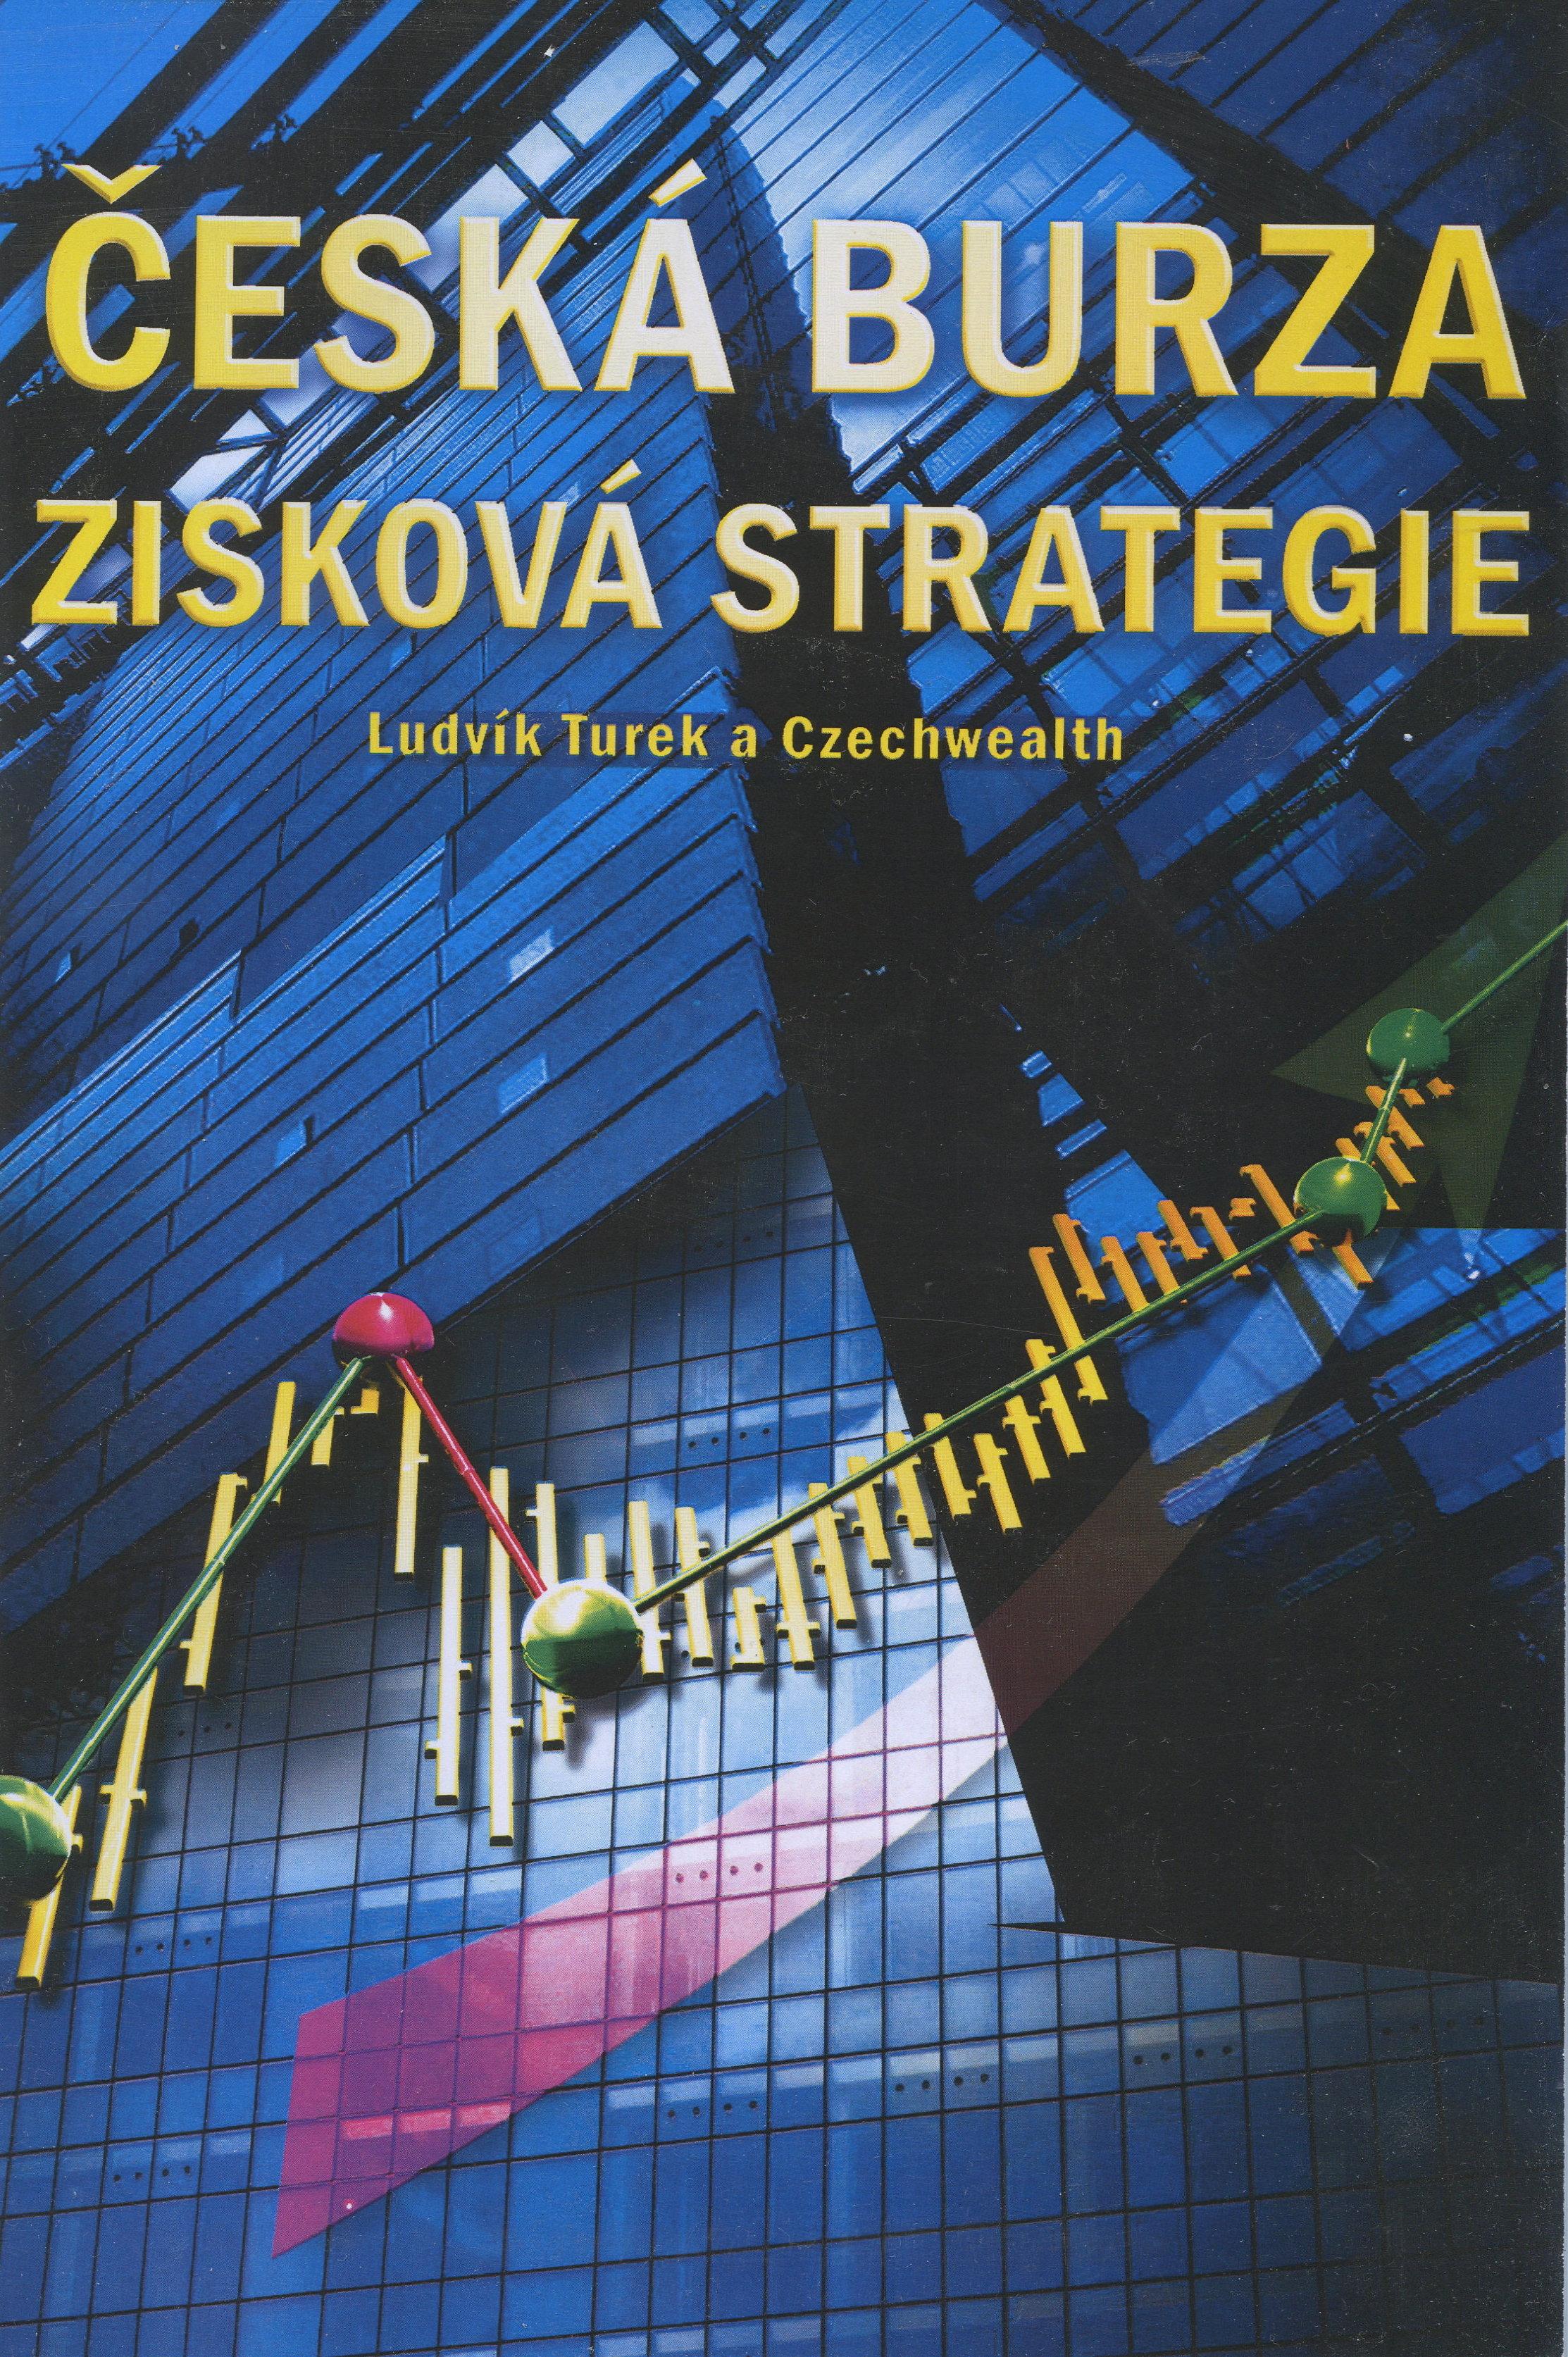 Česká burza - Zisková strategie